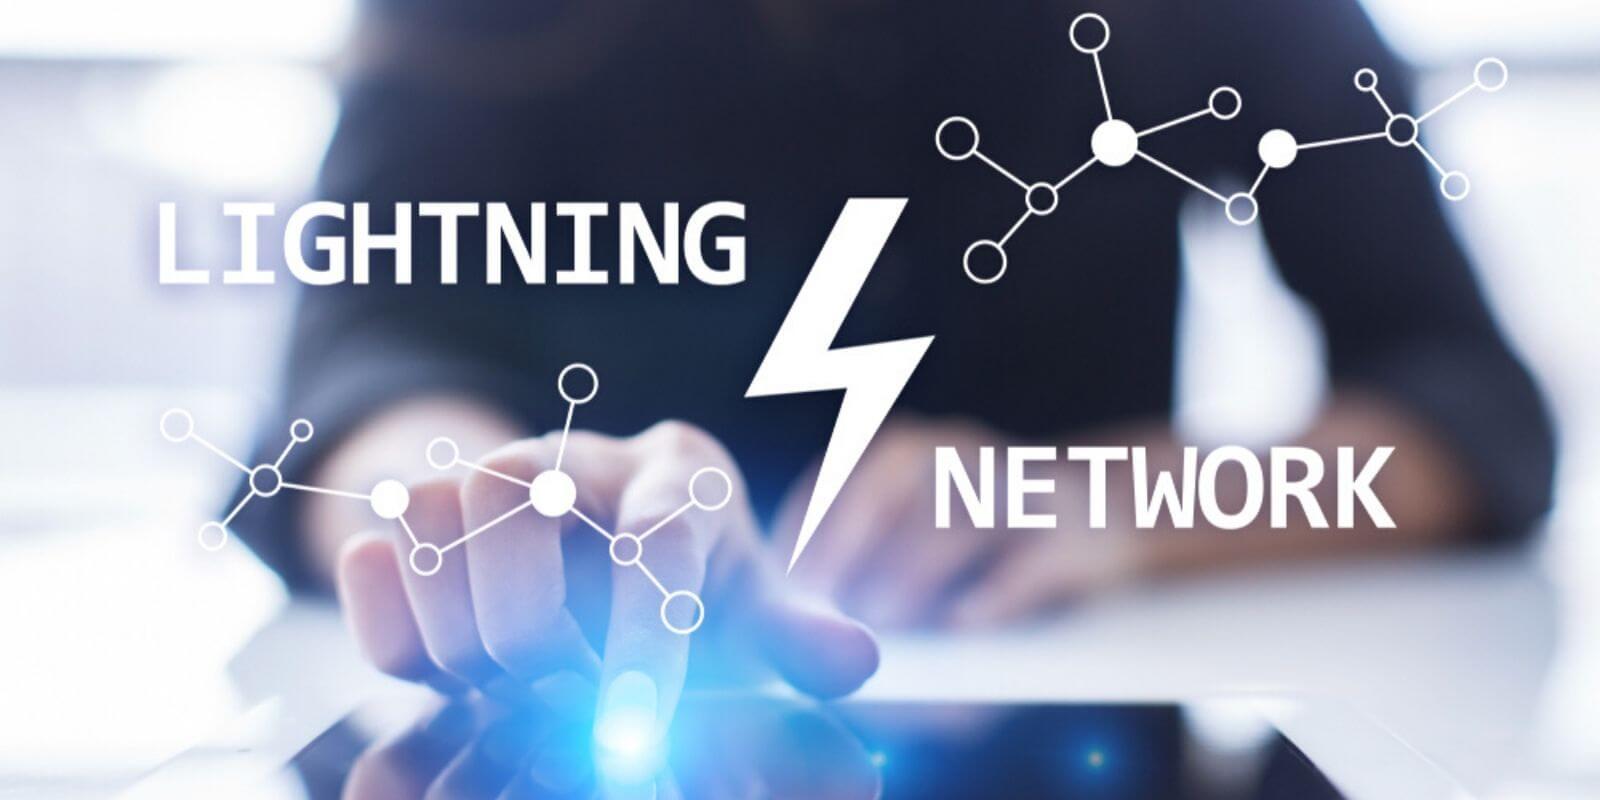 BitFinex et Bitrefill s'associent pour proposer des achats avec le Lightning Network